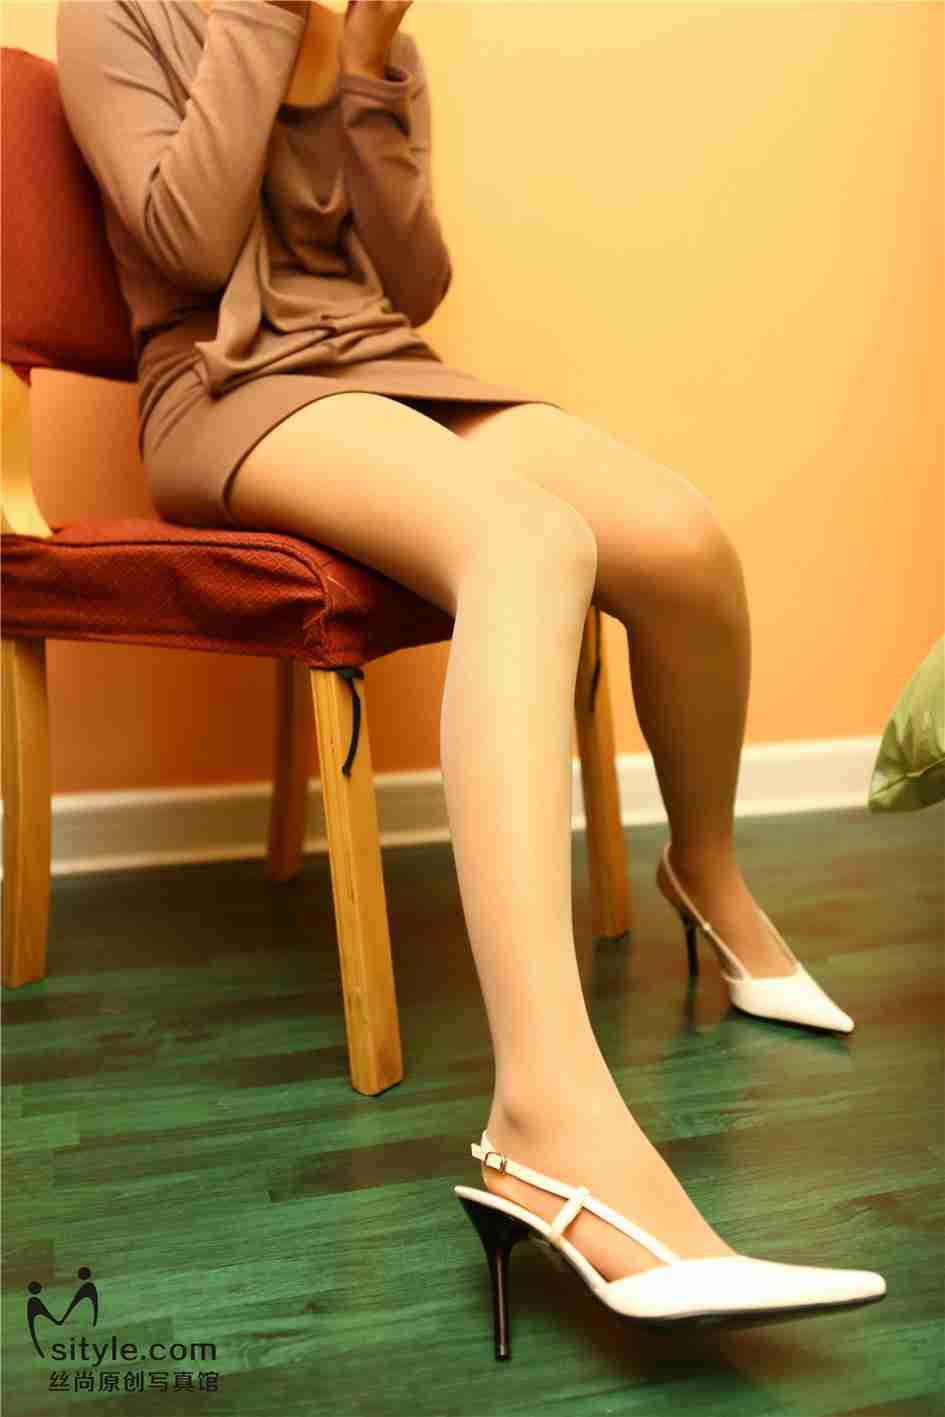 丝袜麻豆高跟鞋福利写真套图